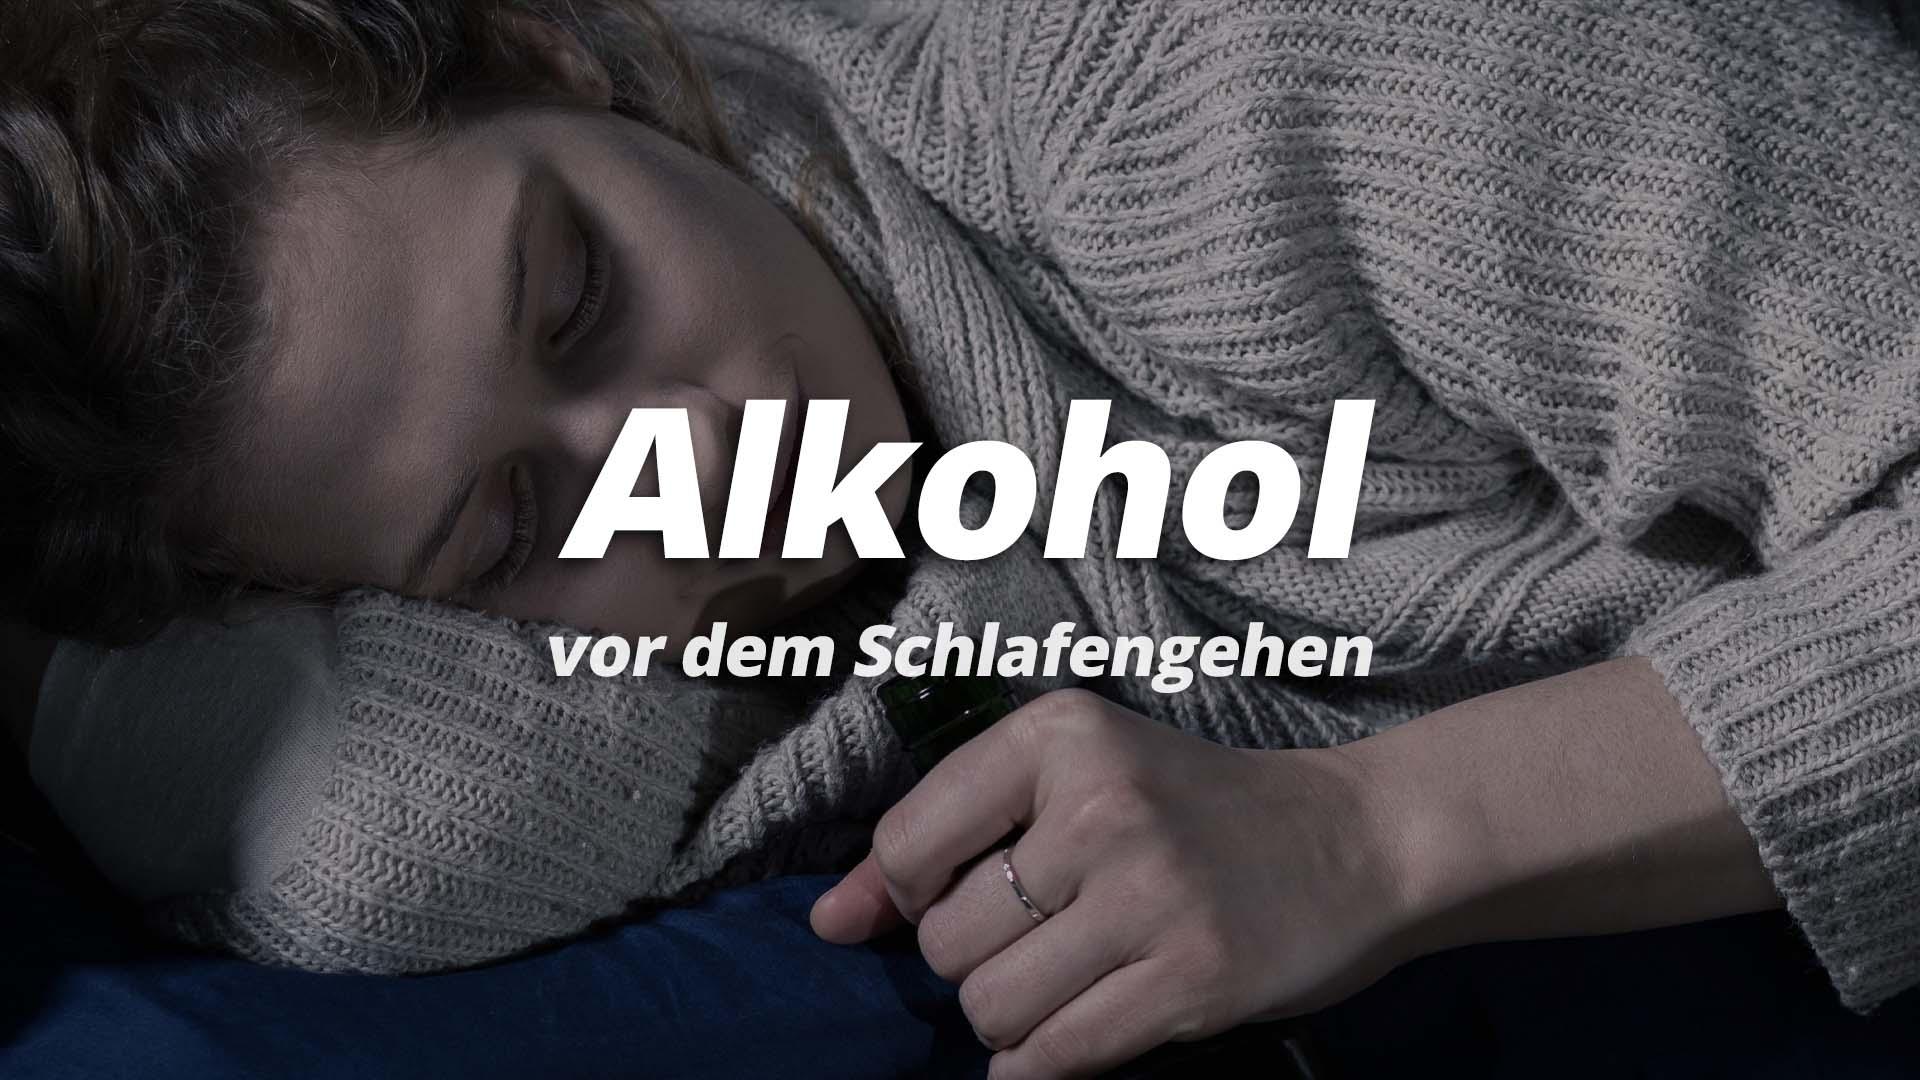 Alkohol vor dem schlafengehen